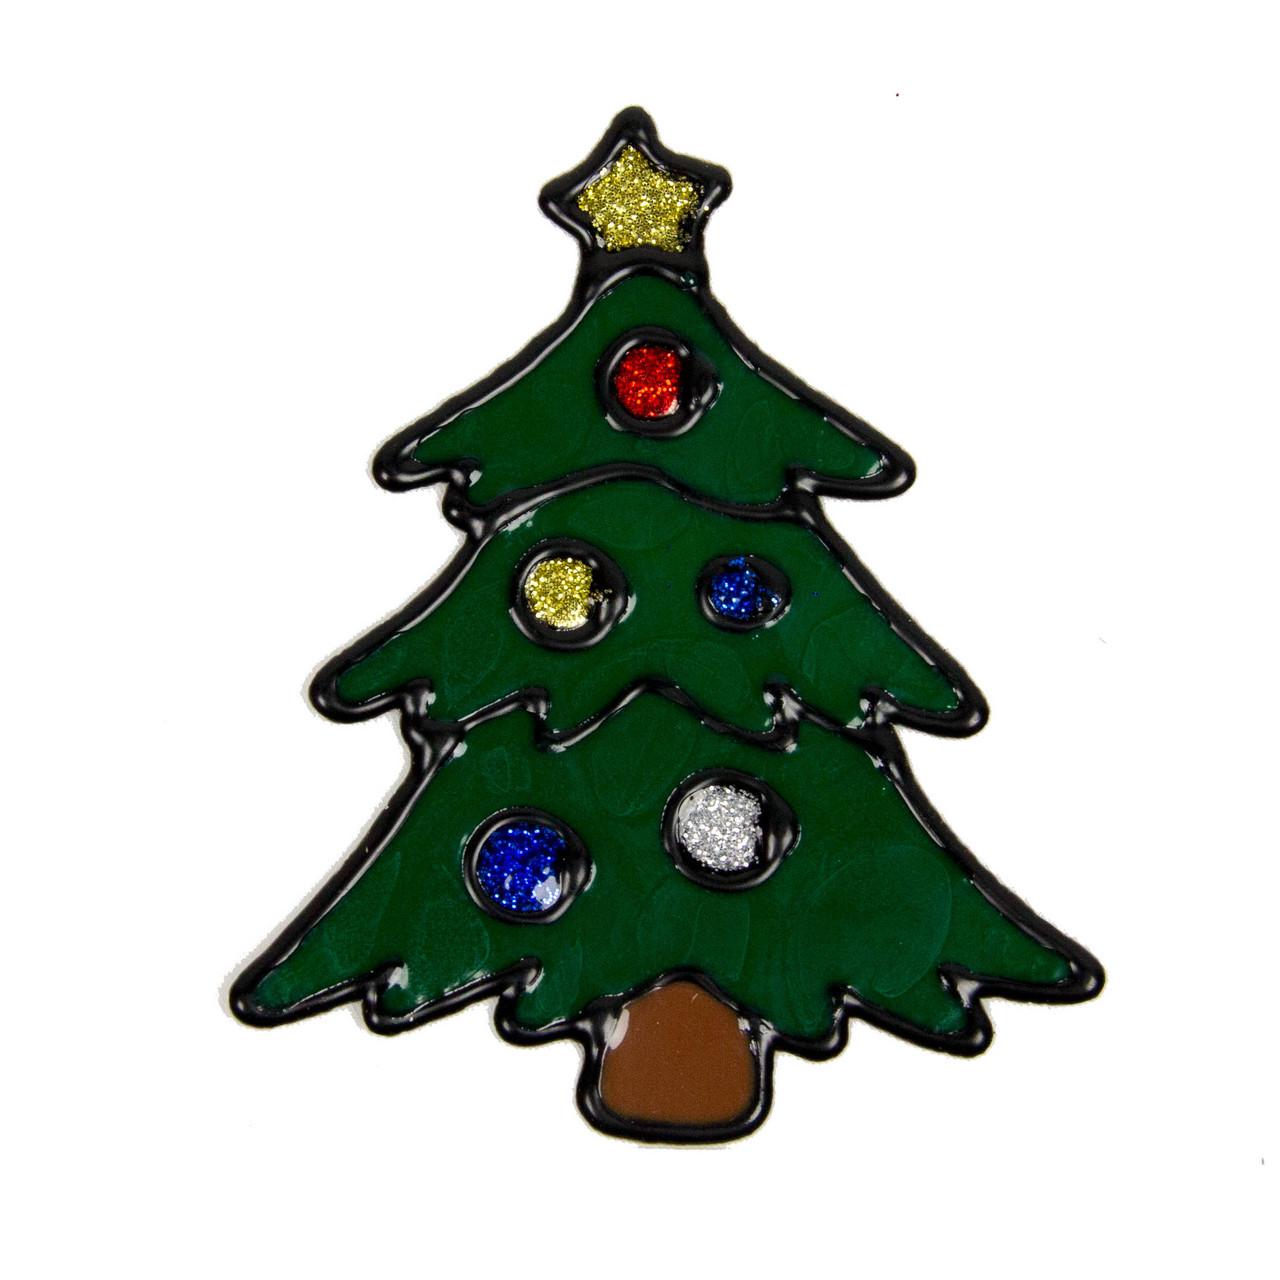 Новогоднее украшение - наклейка на окно елка, 10*10 см, зеленый, силикон (000449-4)